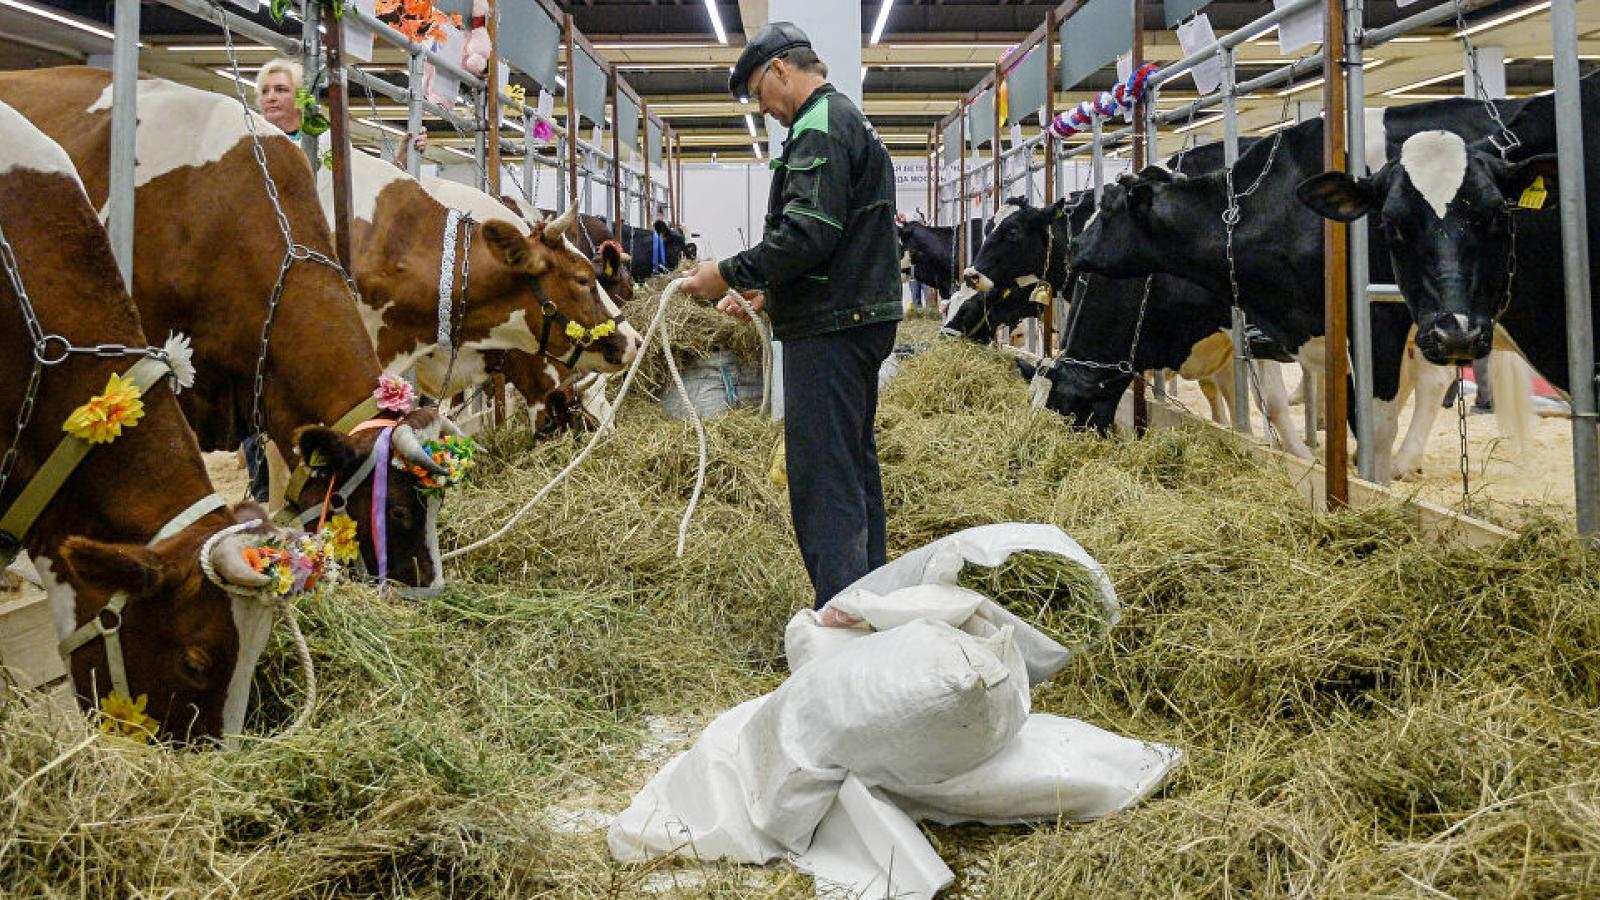 Nga cấm nhập khẩu thức ăn chăn nuôi từ Cộng hòa Czech